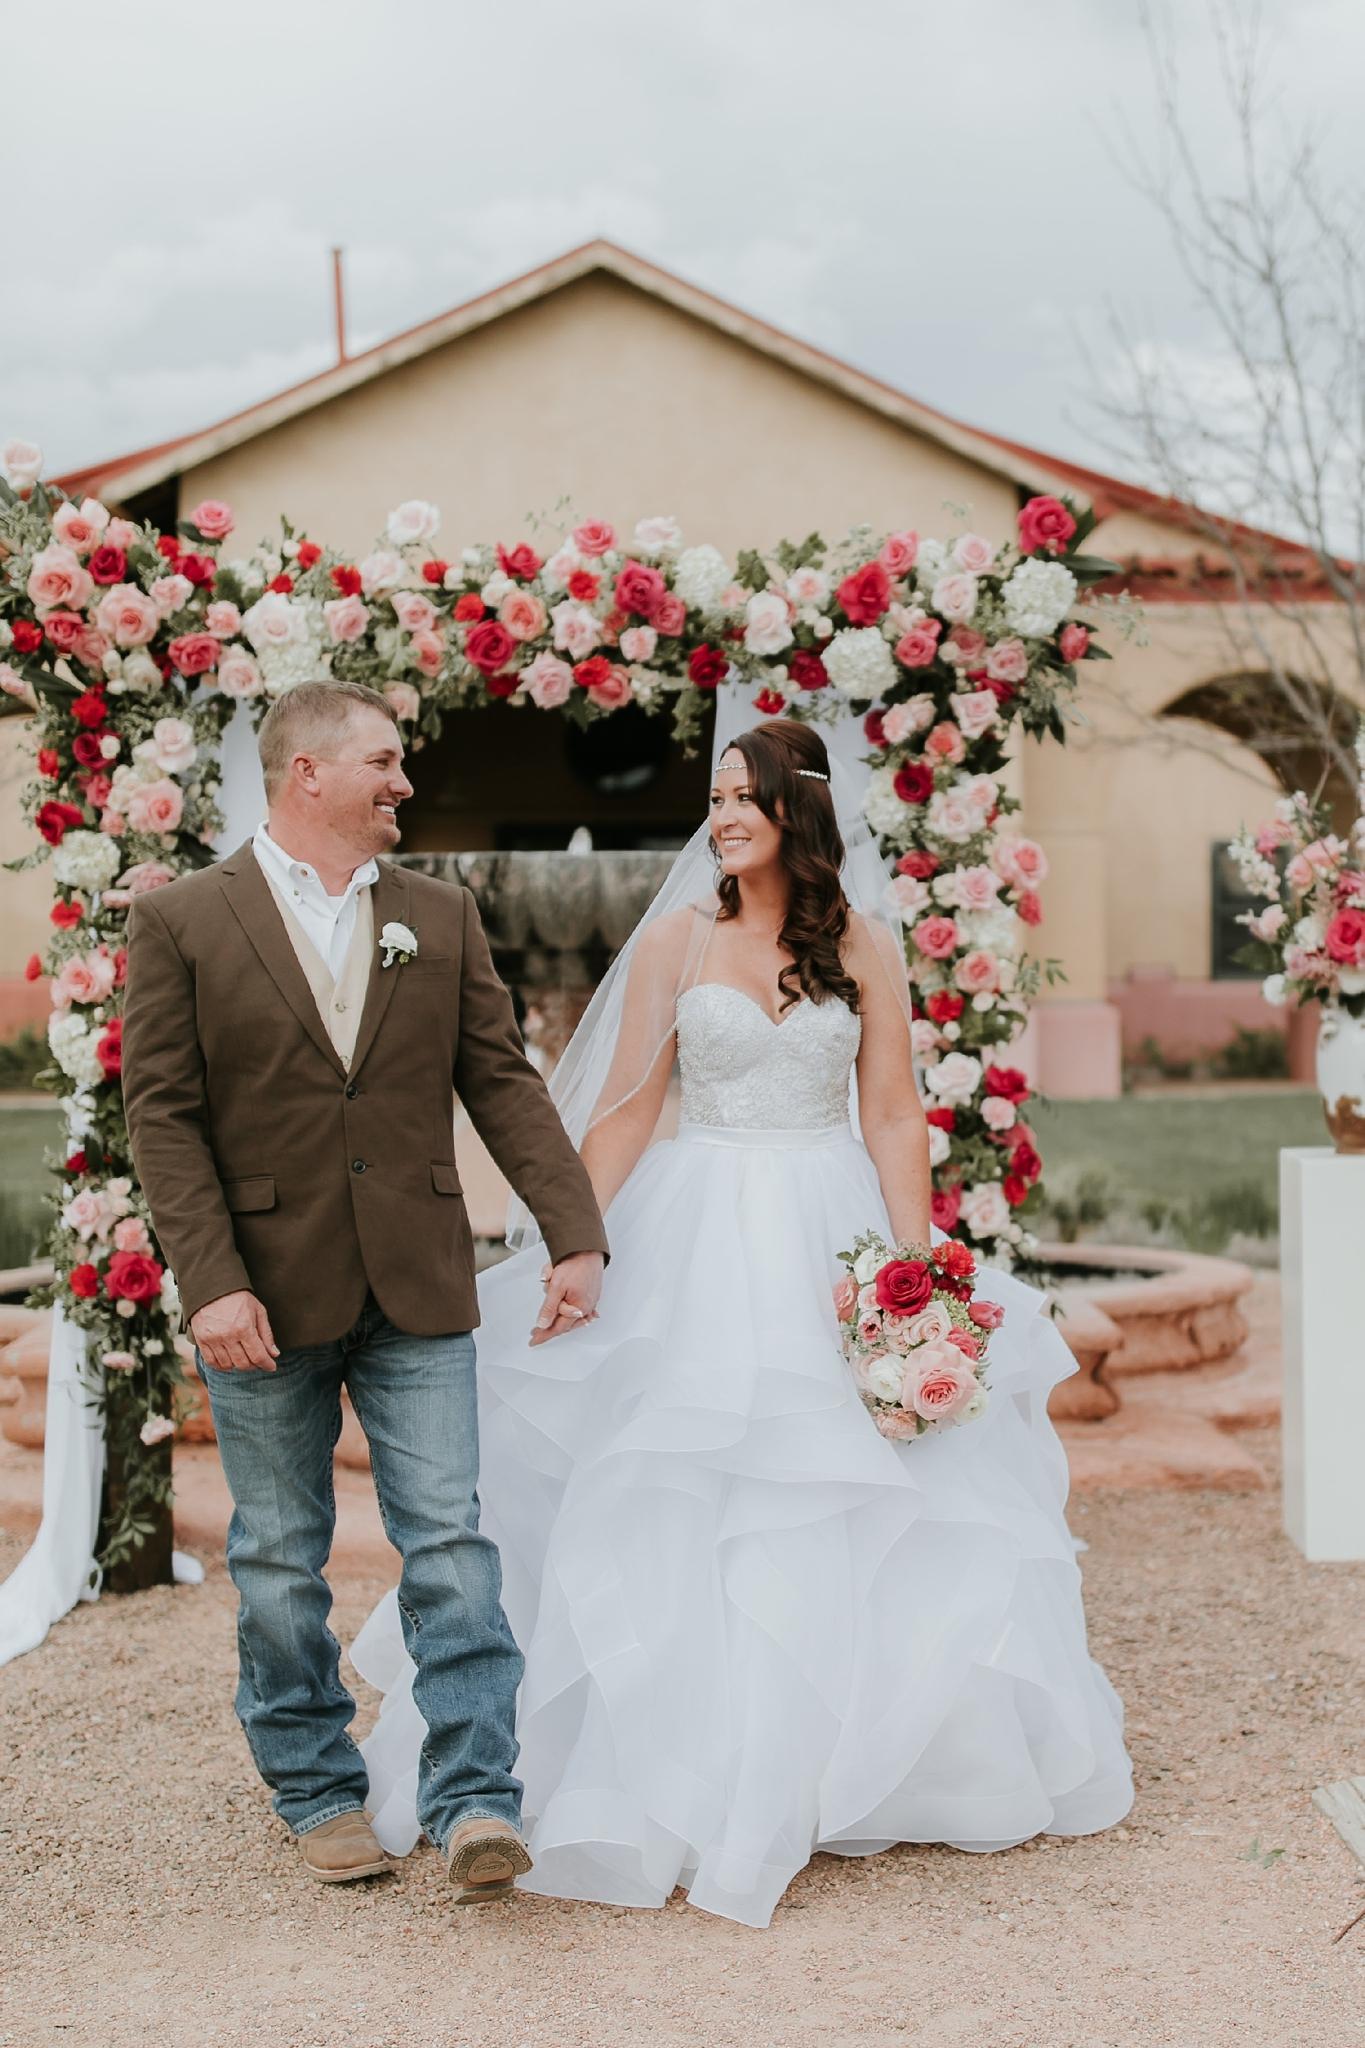 Alicia+lucia+photography+-+albuquerque+wedding+photographer+-+santa+fe+wedding+photography+-+new+mexico+wedding+photographer+-+new+mexico+florist+-+wedding+florist+-+renegade+floral_0047.jpg